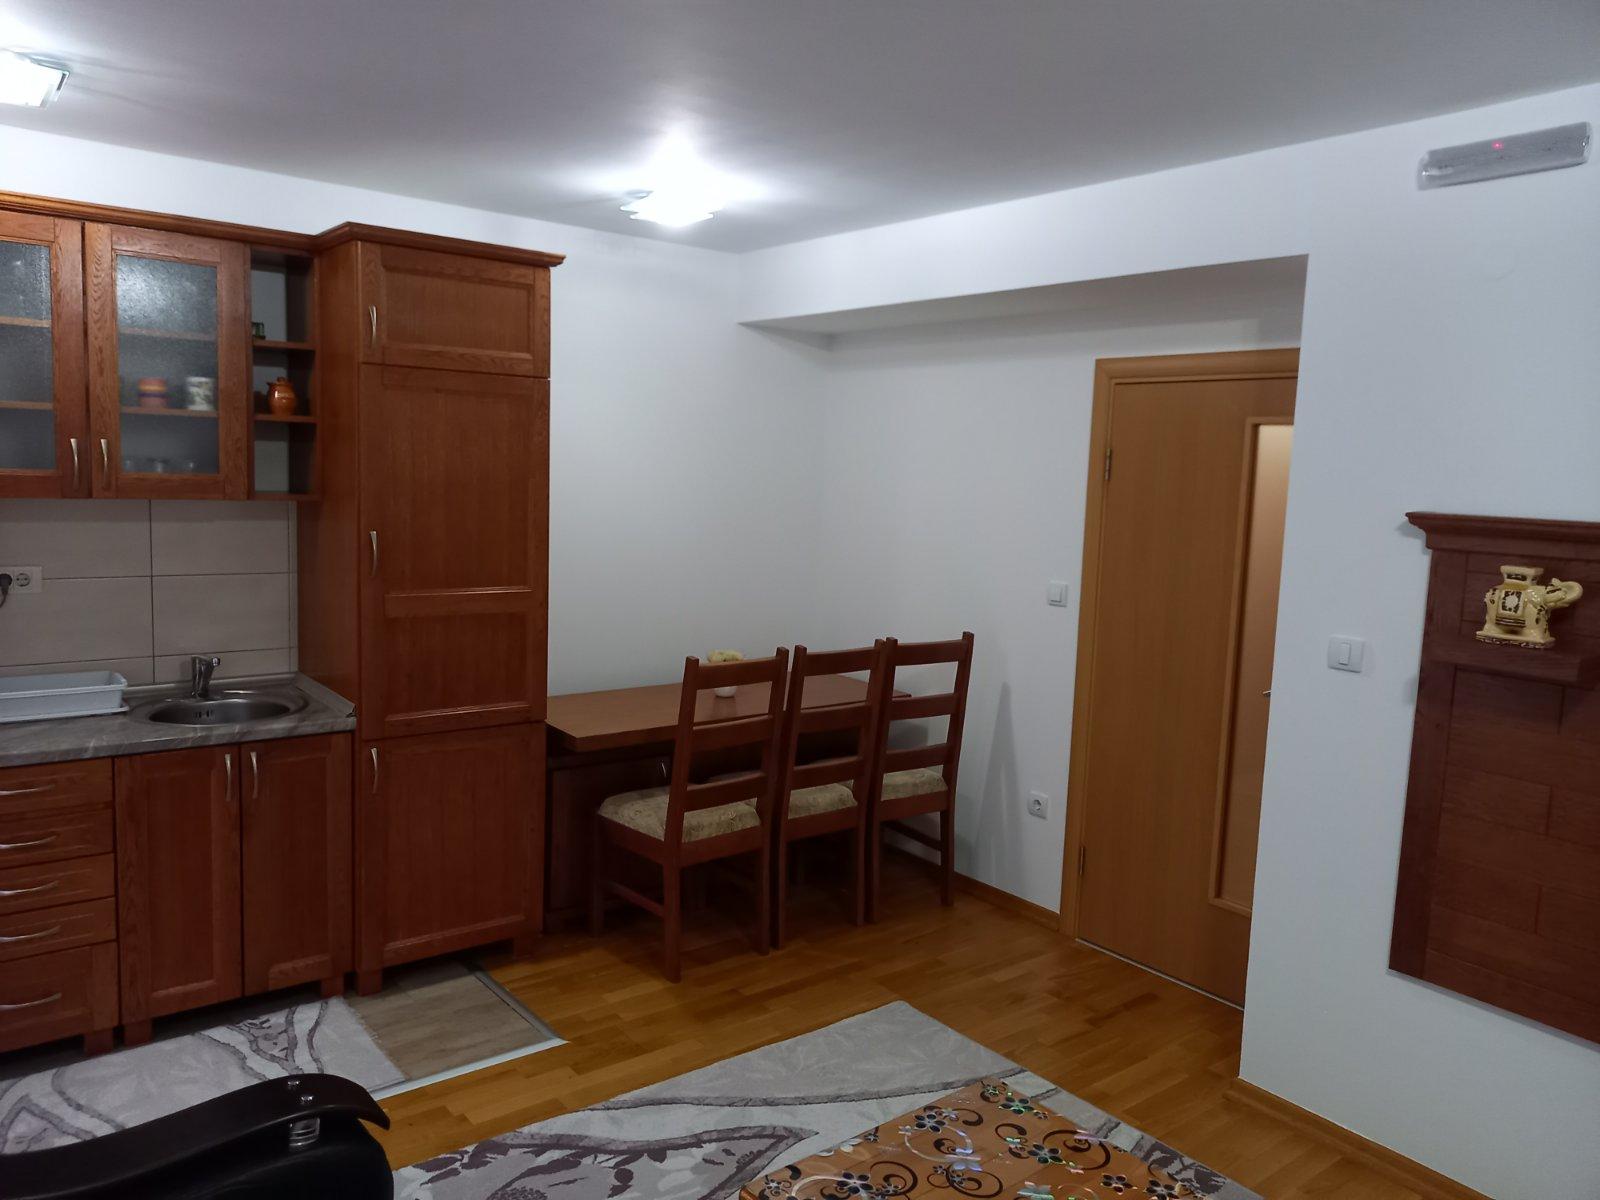 Namješten jednosoban stan u Dalmatinskoj ulici - 5